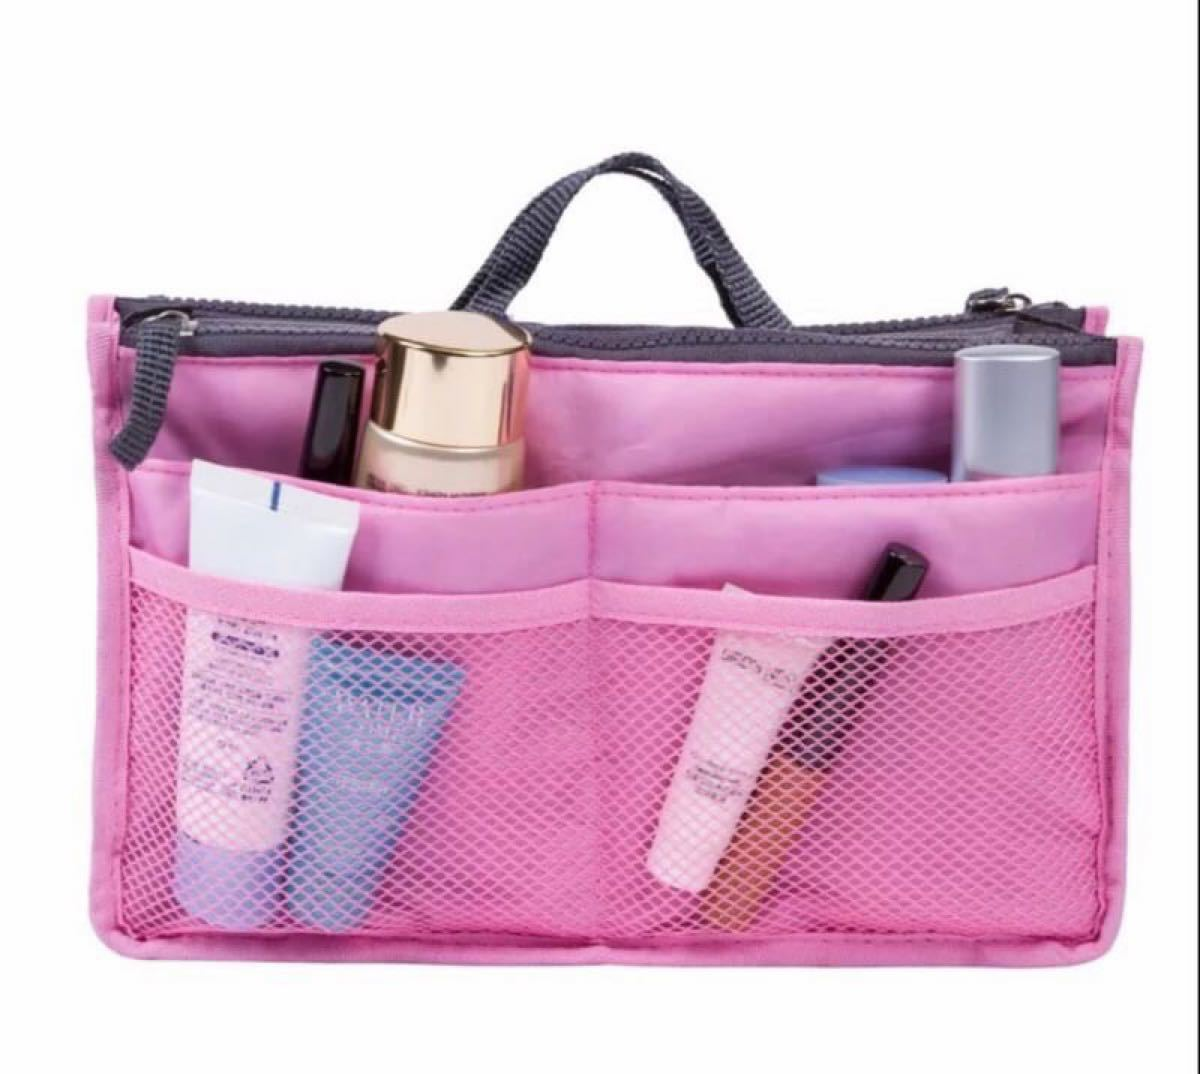 バッグインバッグ  ピンク 小分け収納 大容量 トート用 インナーバッグ バッグインバッグ 化粧ポーチ インナーバッグ 旅行ポーチ